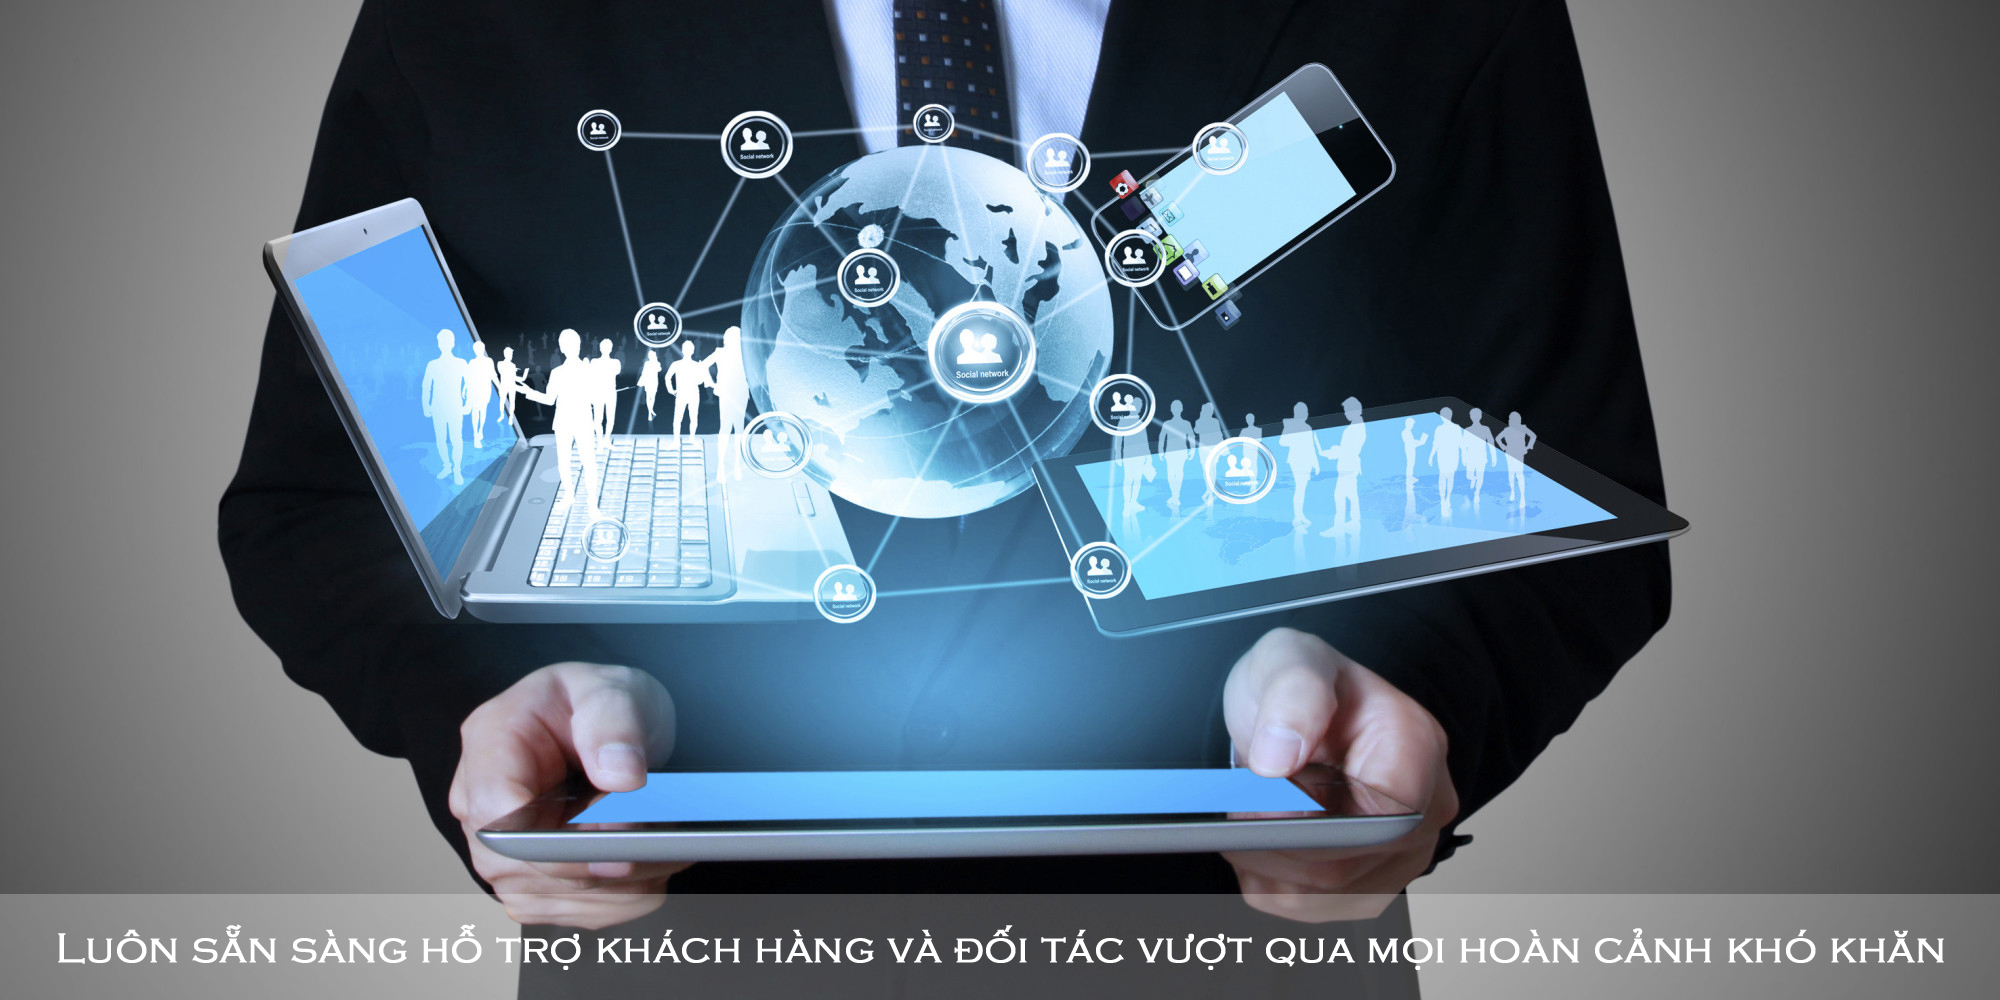 Dịch vụ marketing trọn gói giải pháp chiến lược dài hạn cho Doanh Nghiệp